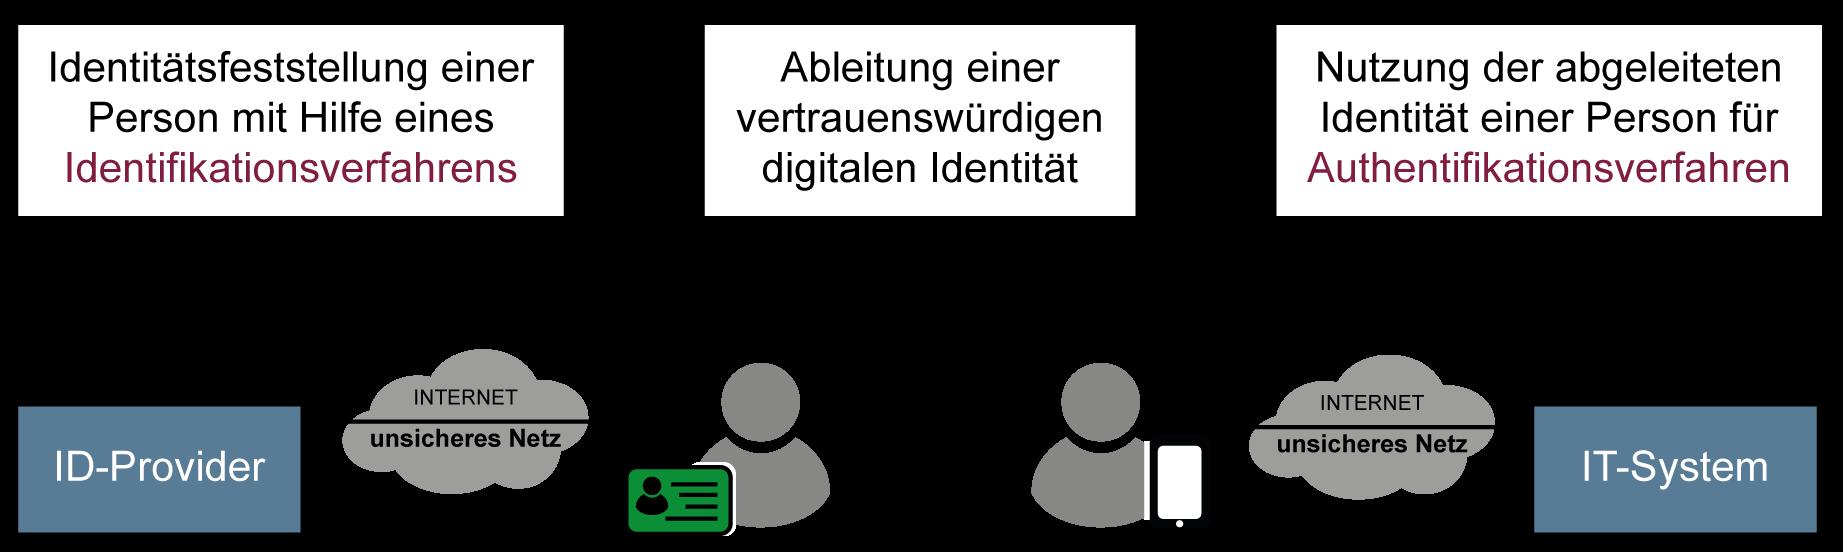 Umsetzung abgeleitete Identität - Glossar Cyber-Sicherheit - Prof. Norbert Pohlmann